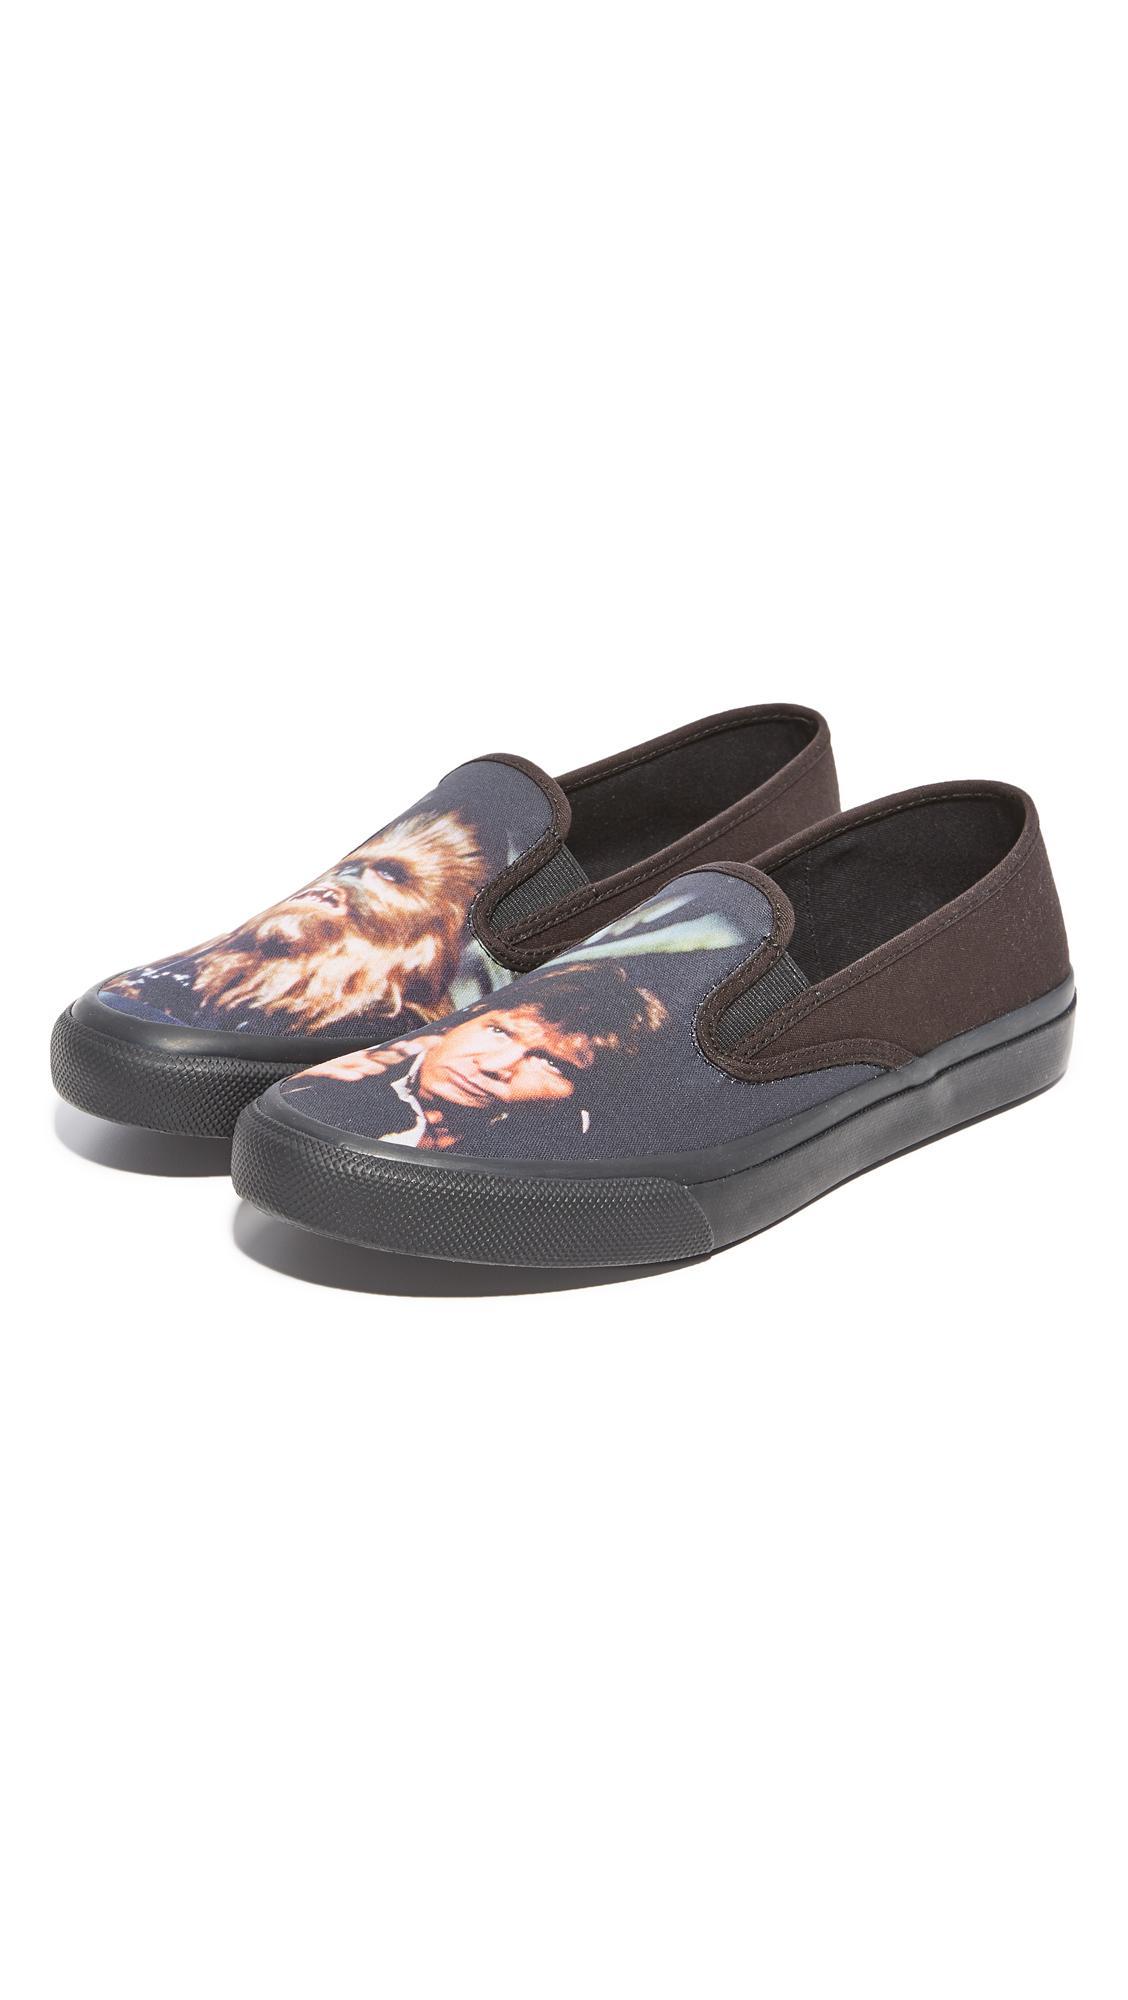 Sperry Top-Sider Cloud Chewie/Han Slip On Sneaker (Women's) fUZk3